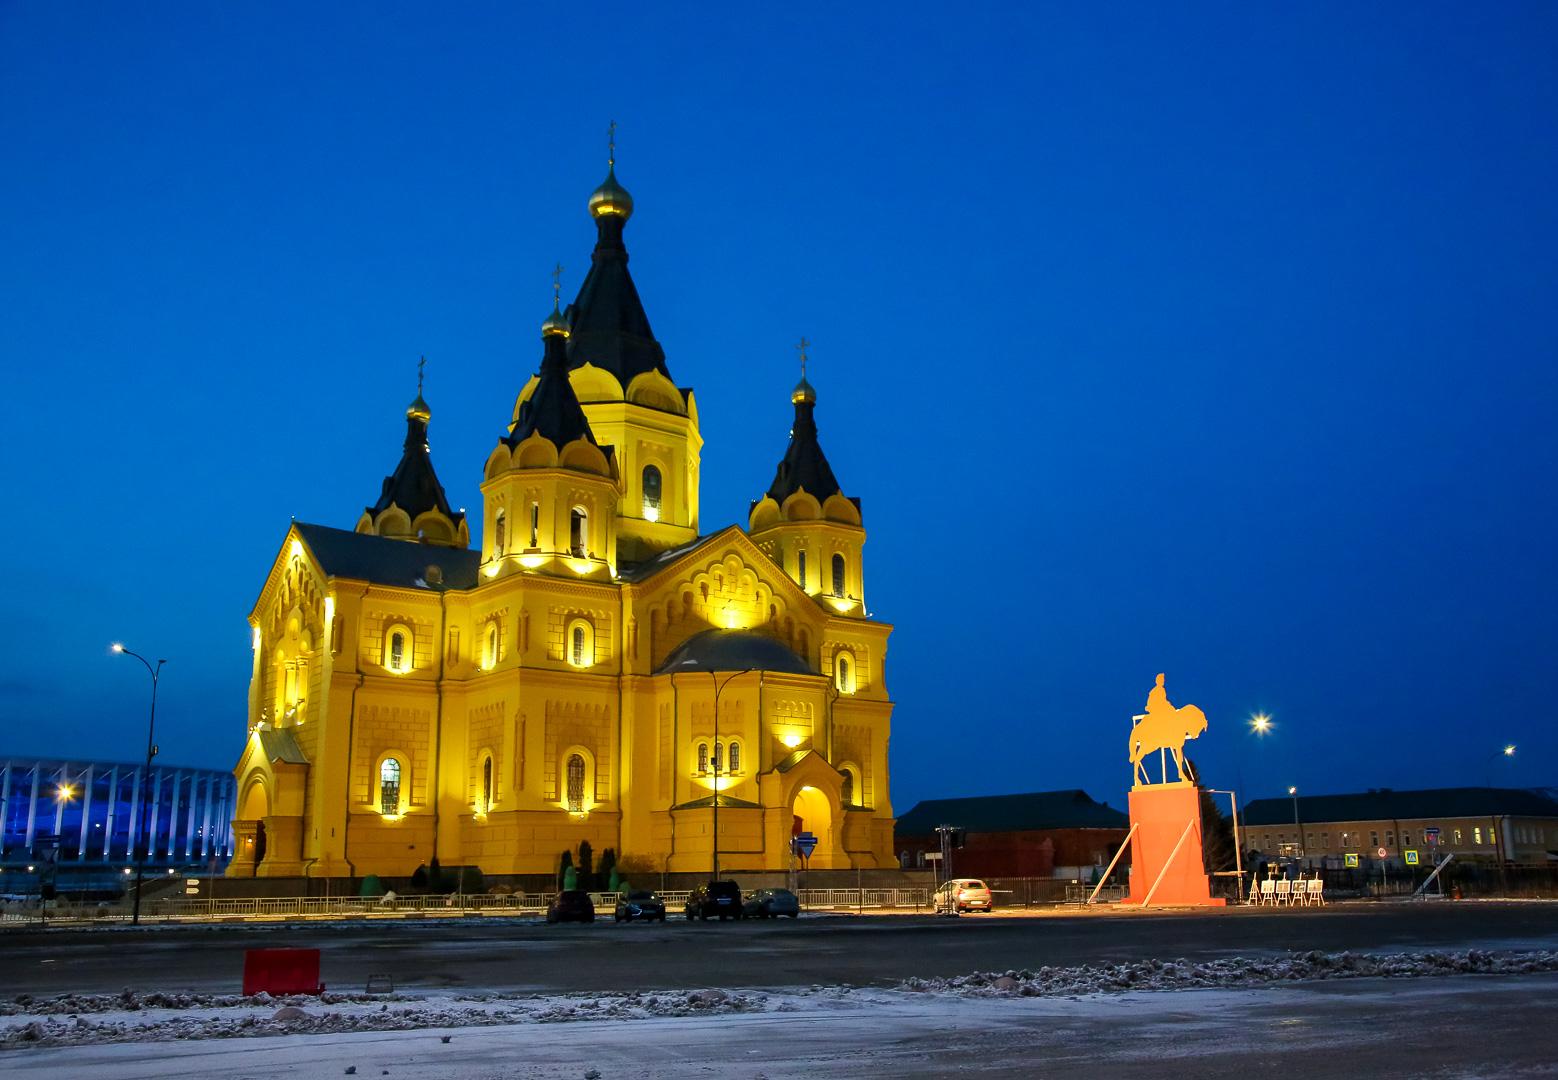 Объявлен народный сбор средств на памятник князю Александру Невскому в Нижнем Новгороде